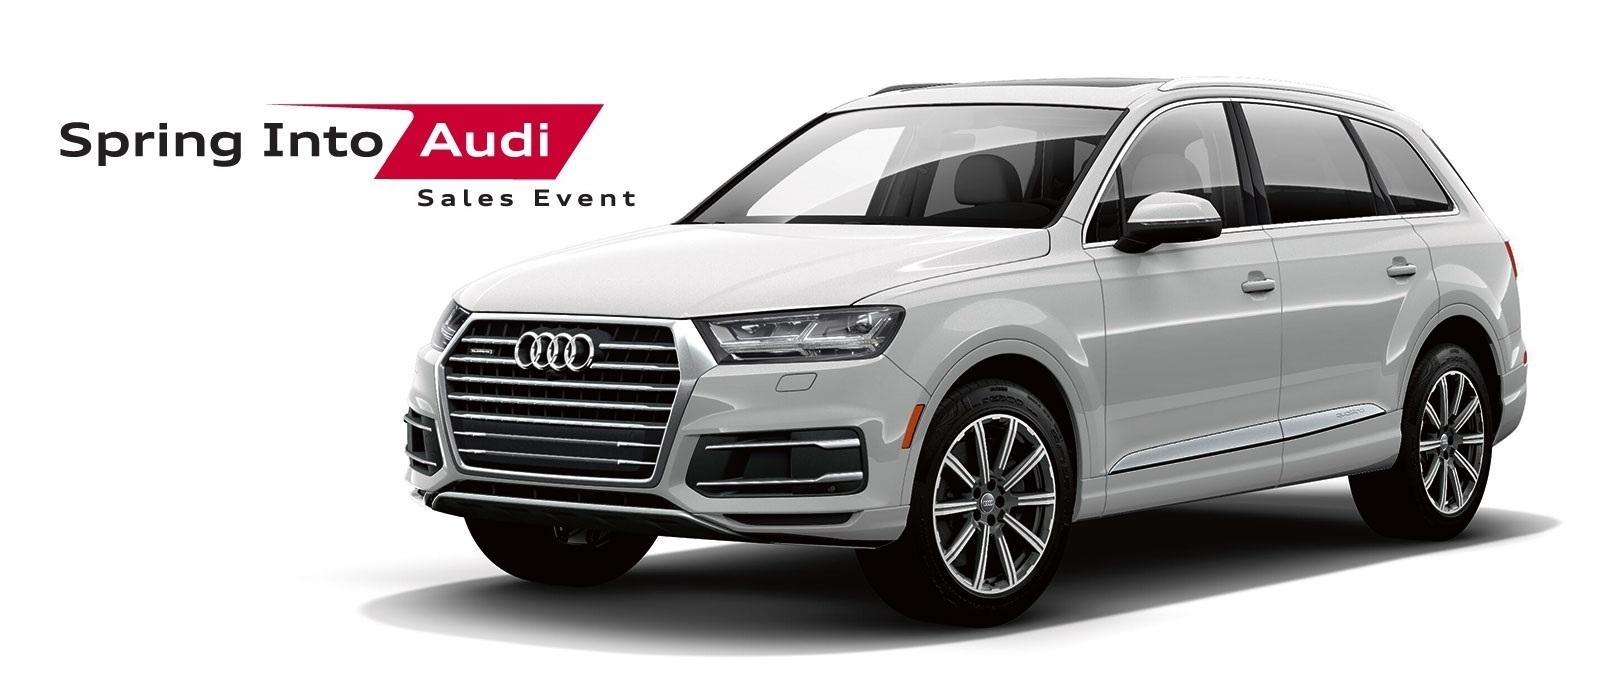 Spring Into Audi Sales Event – Q7